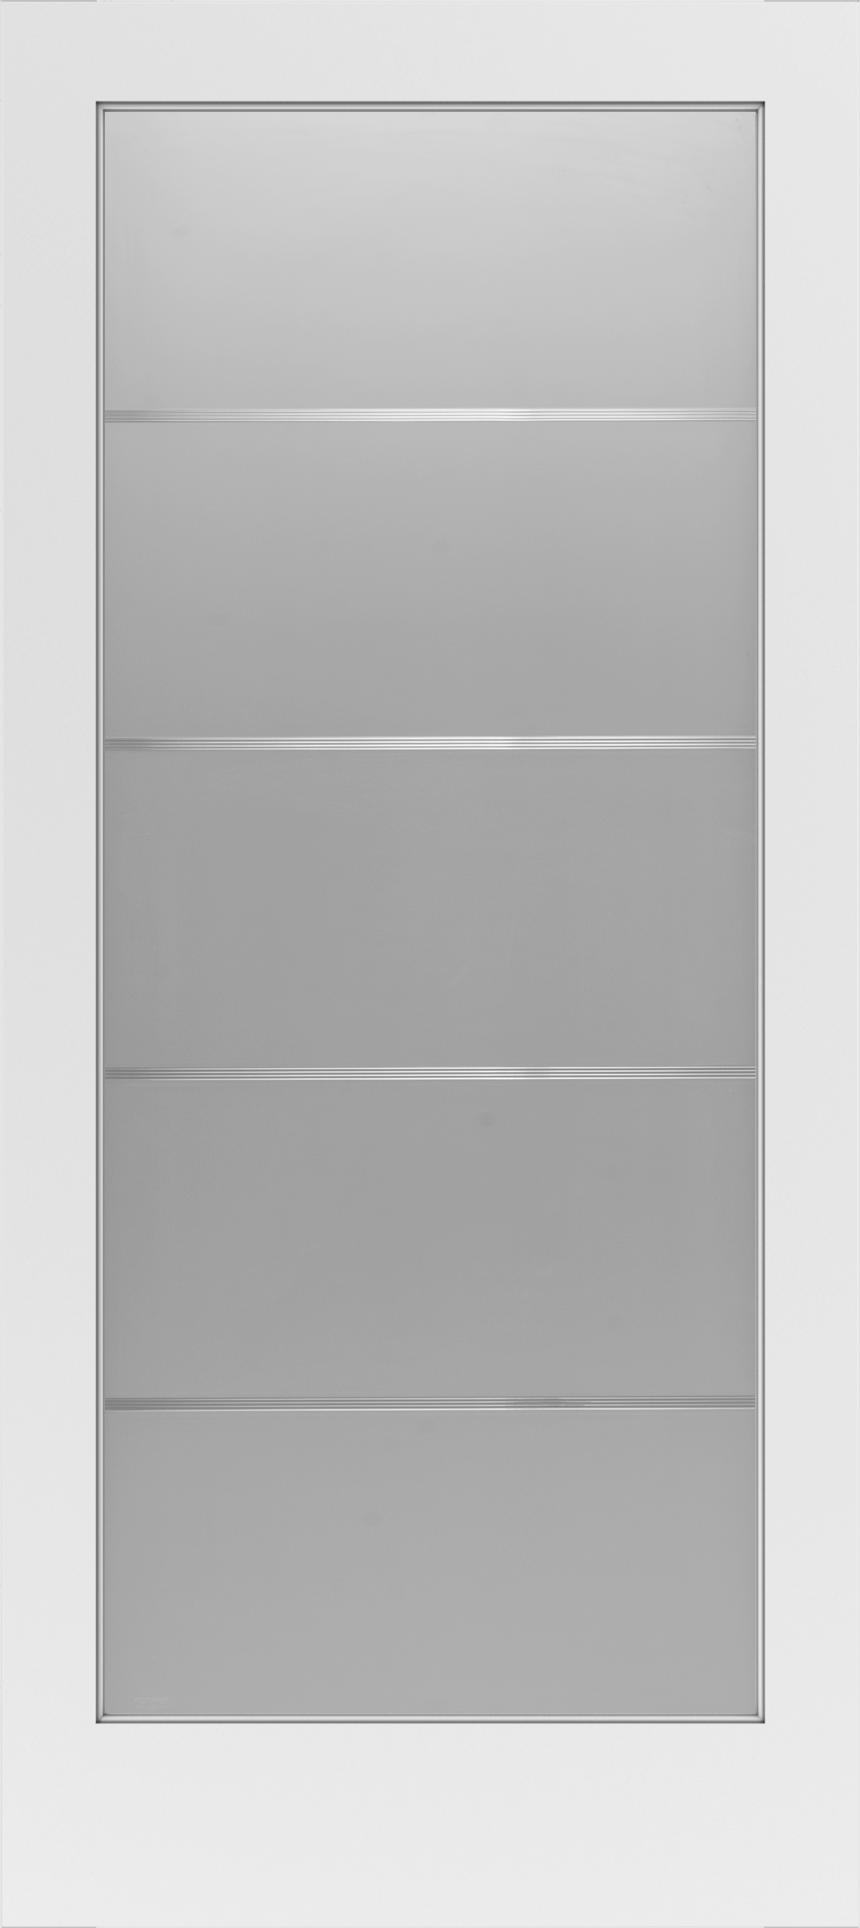 Authentic Wood Glass Panel Interior Door Jeld Wen Doors Amp Windows Energy Efficient Door Wood Glass Glass Panels